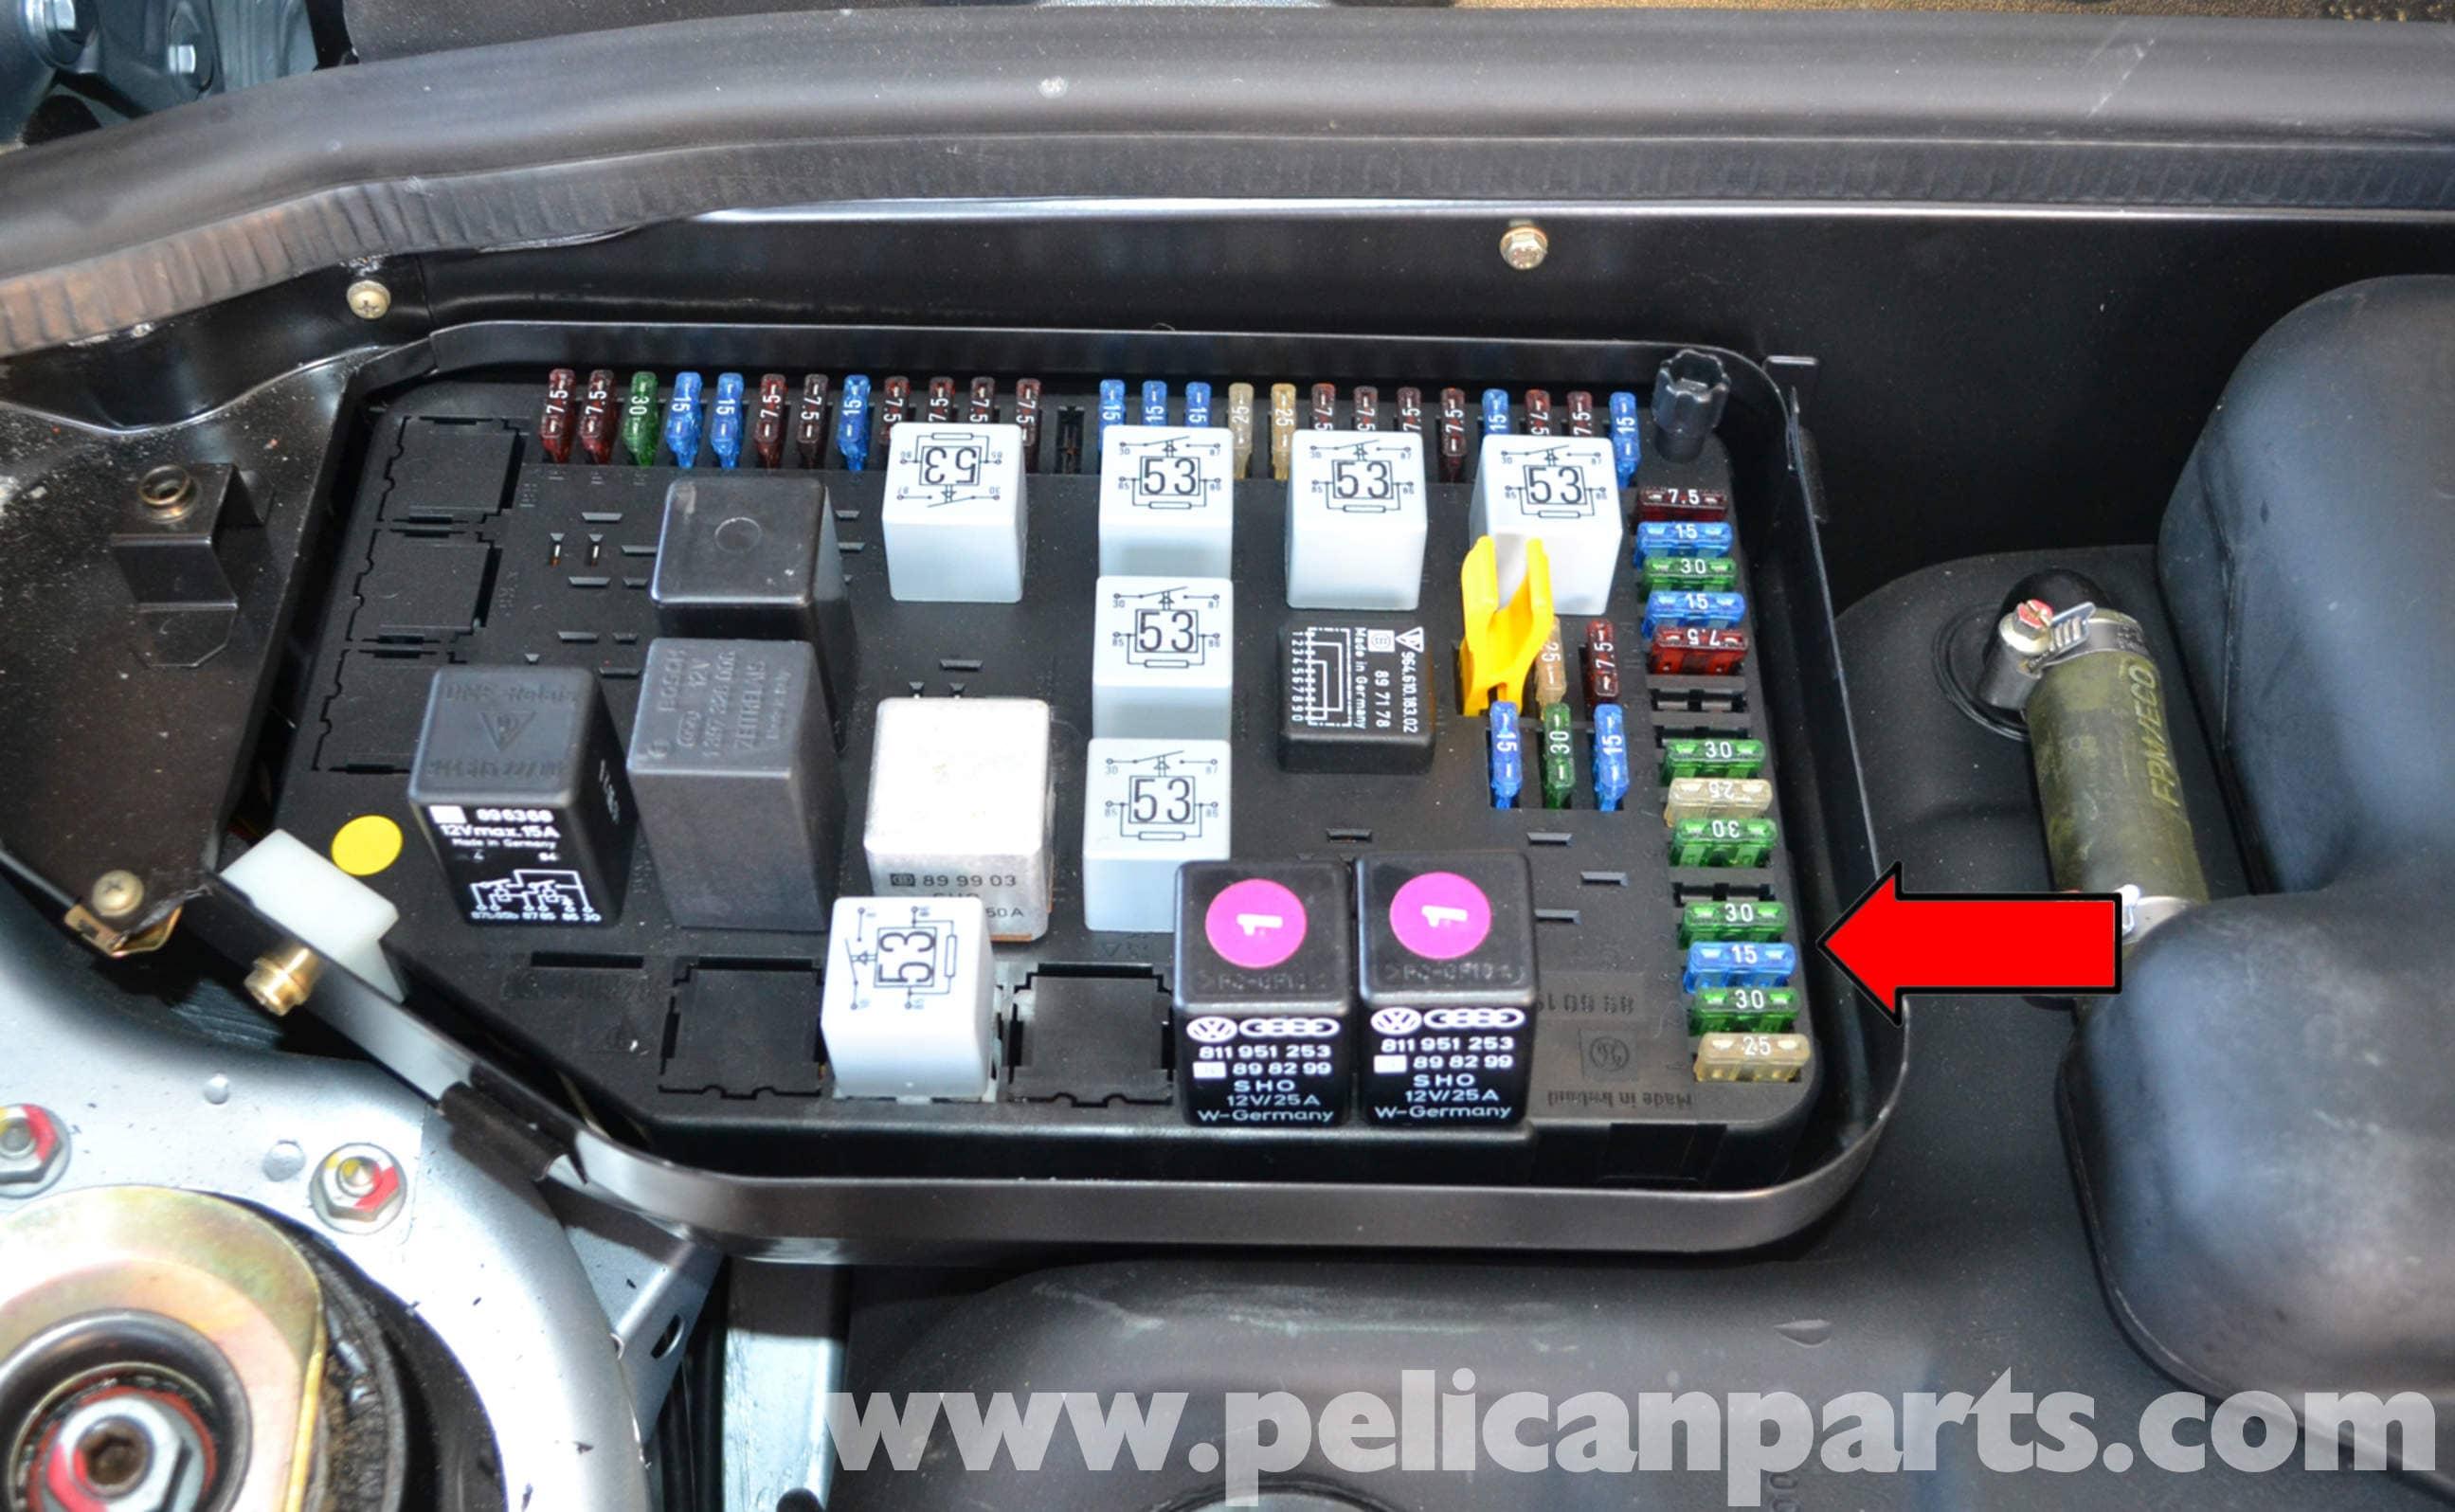 [DIAGRAM_34OR]  230 Zone Fuse Auto Diagram Box Porsche Carrera 1999 | Wiring Library | Zone Fuse Auto Diagram Box Porsche Carrera 1999 |  | Wiring Library